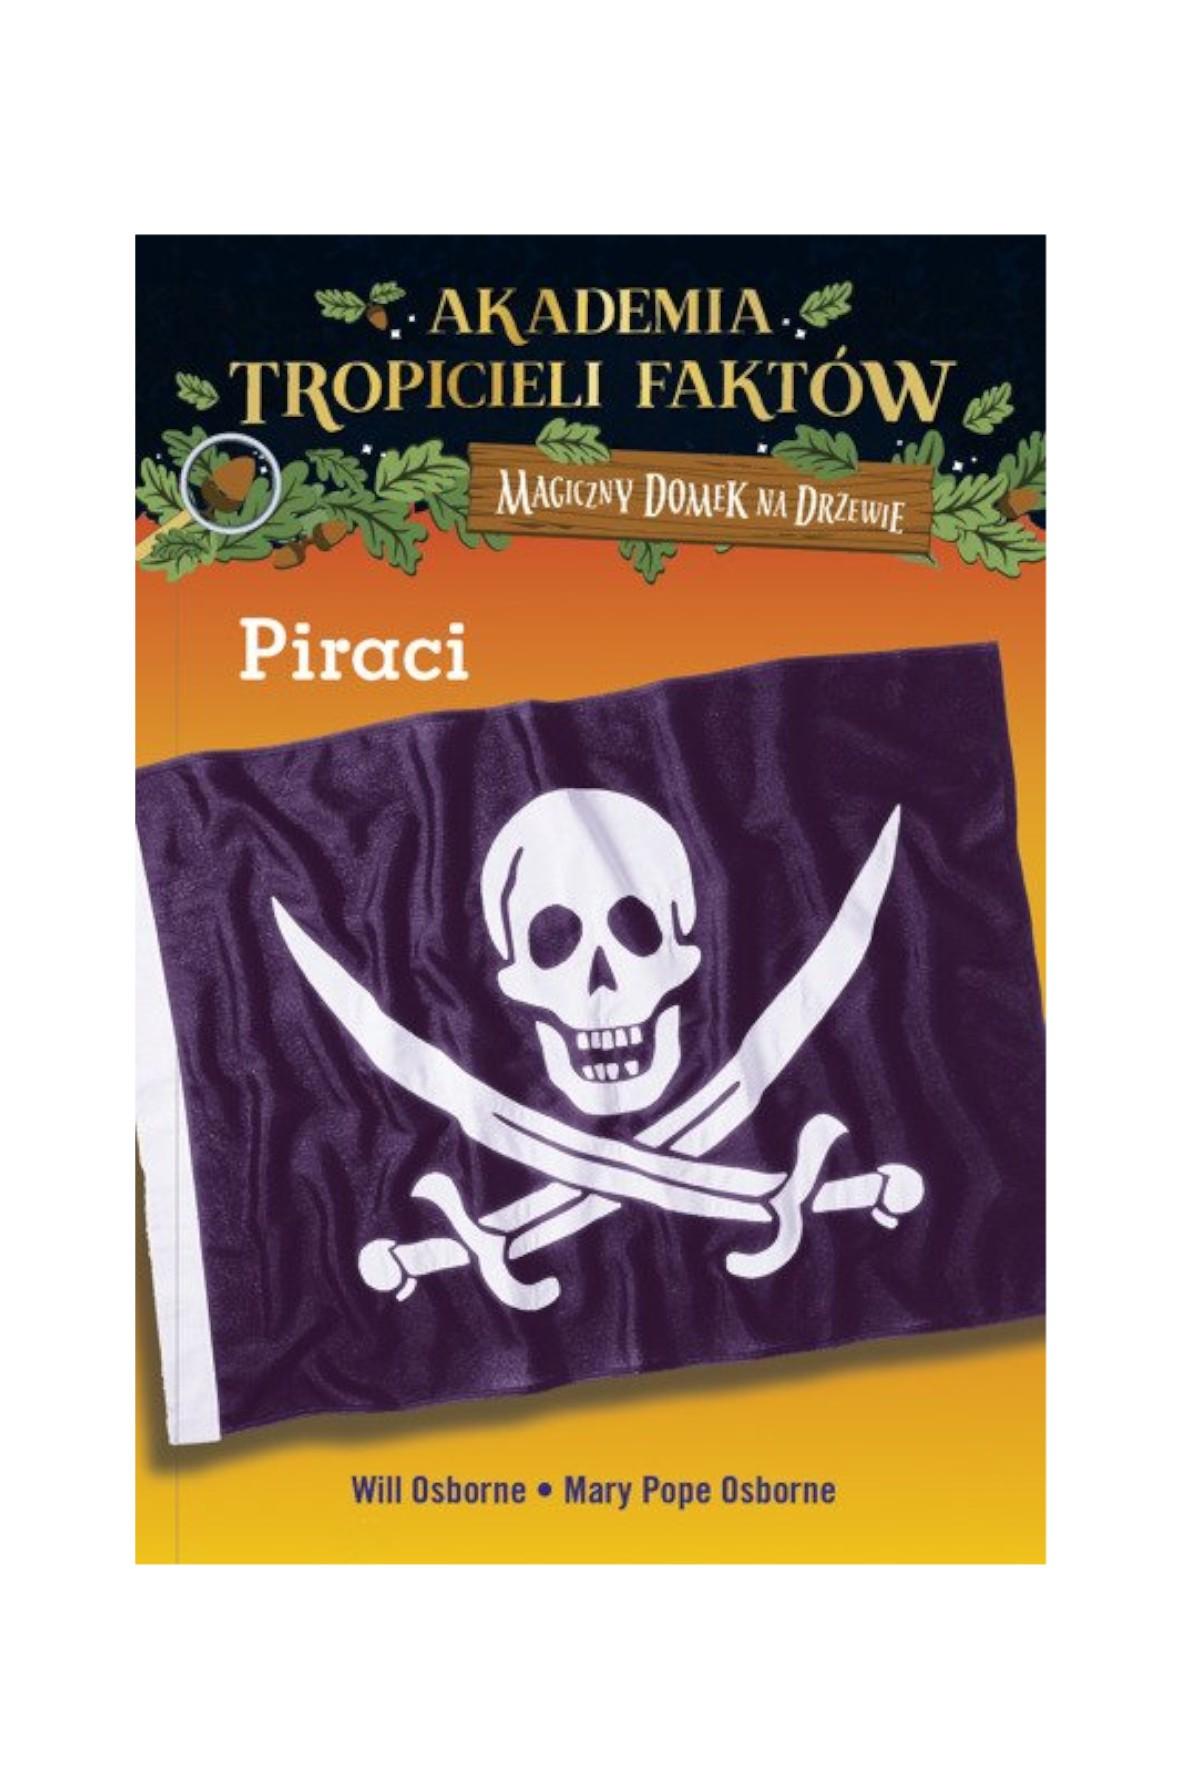 Piraci. Akademia tropicieli faktów. Mary Pope Osborne- wydanie II